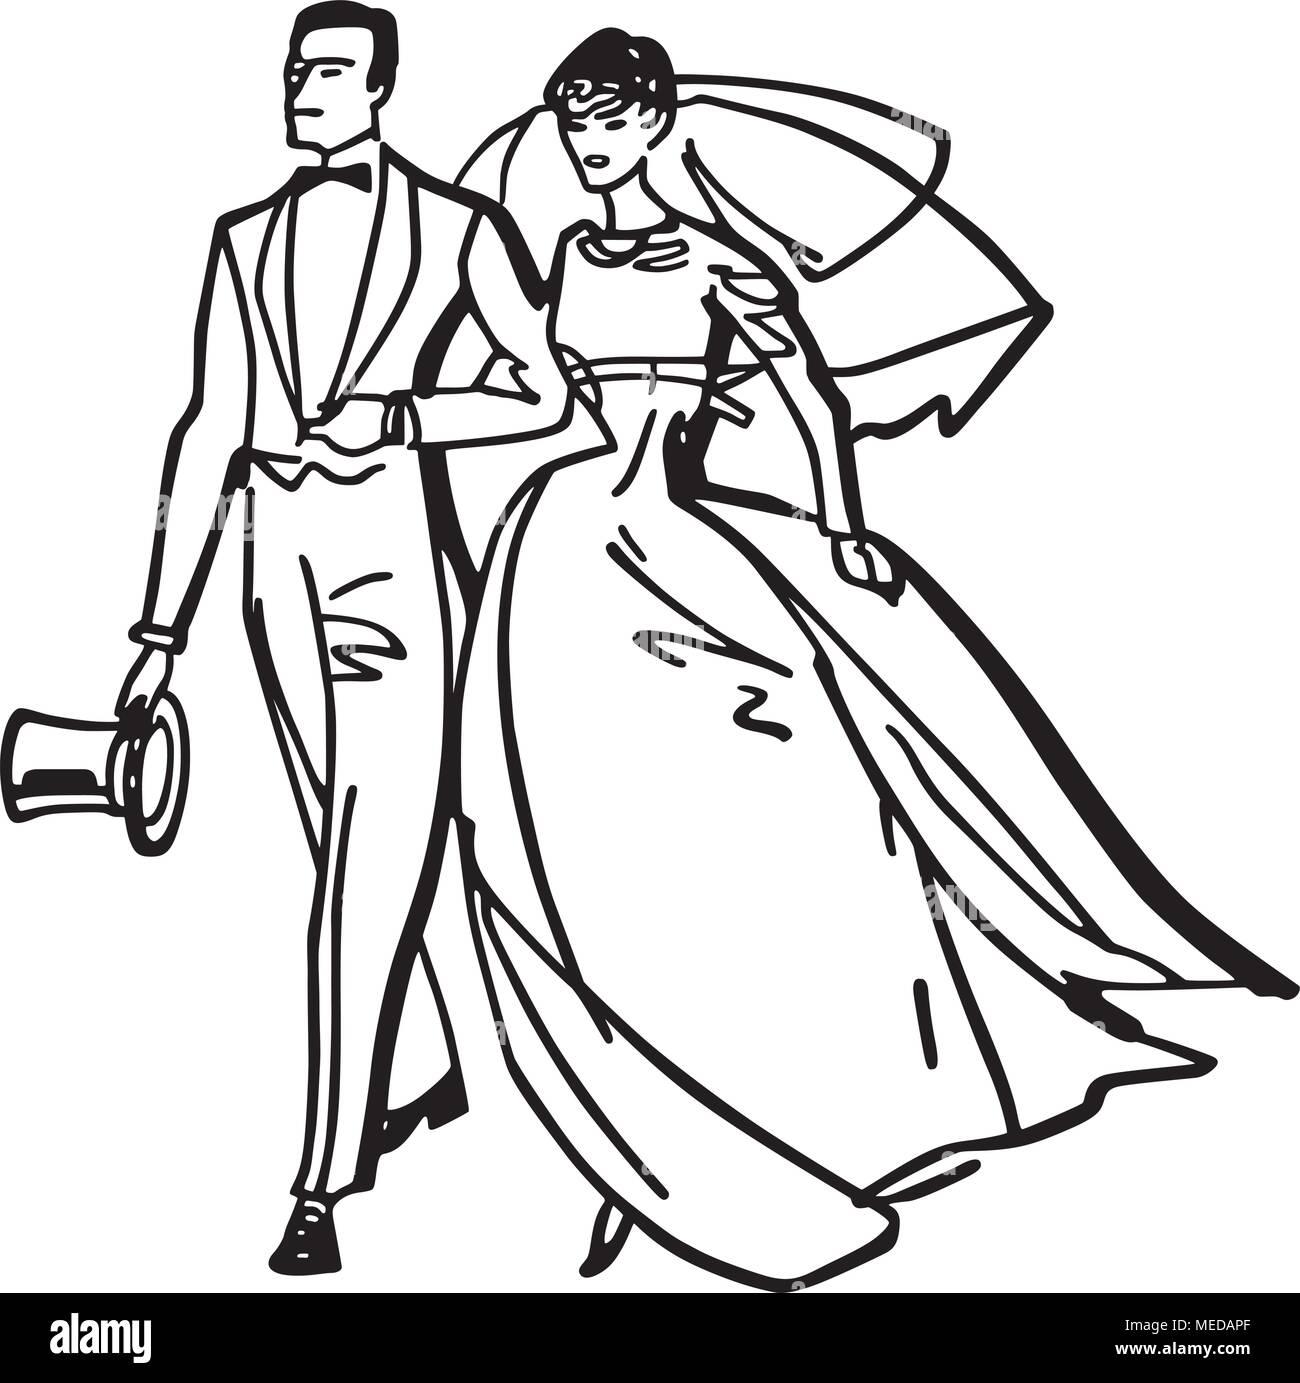 Fifties Weddings Stock Photos & Fifties Weddings Stock Images - Alamy